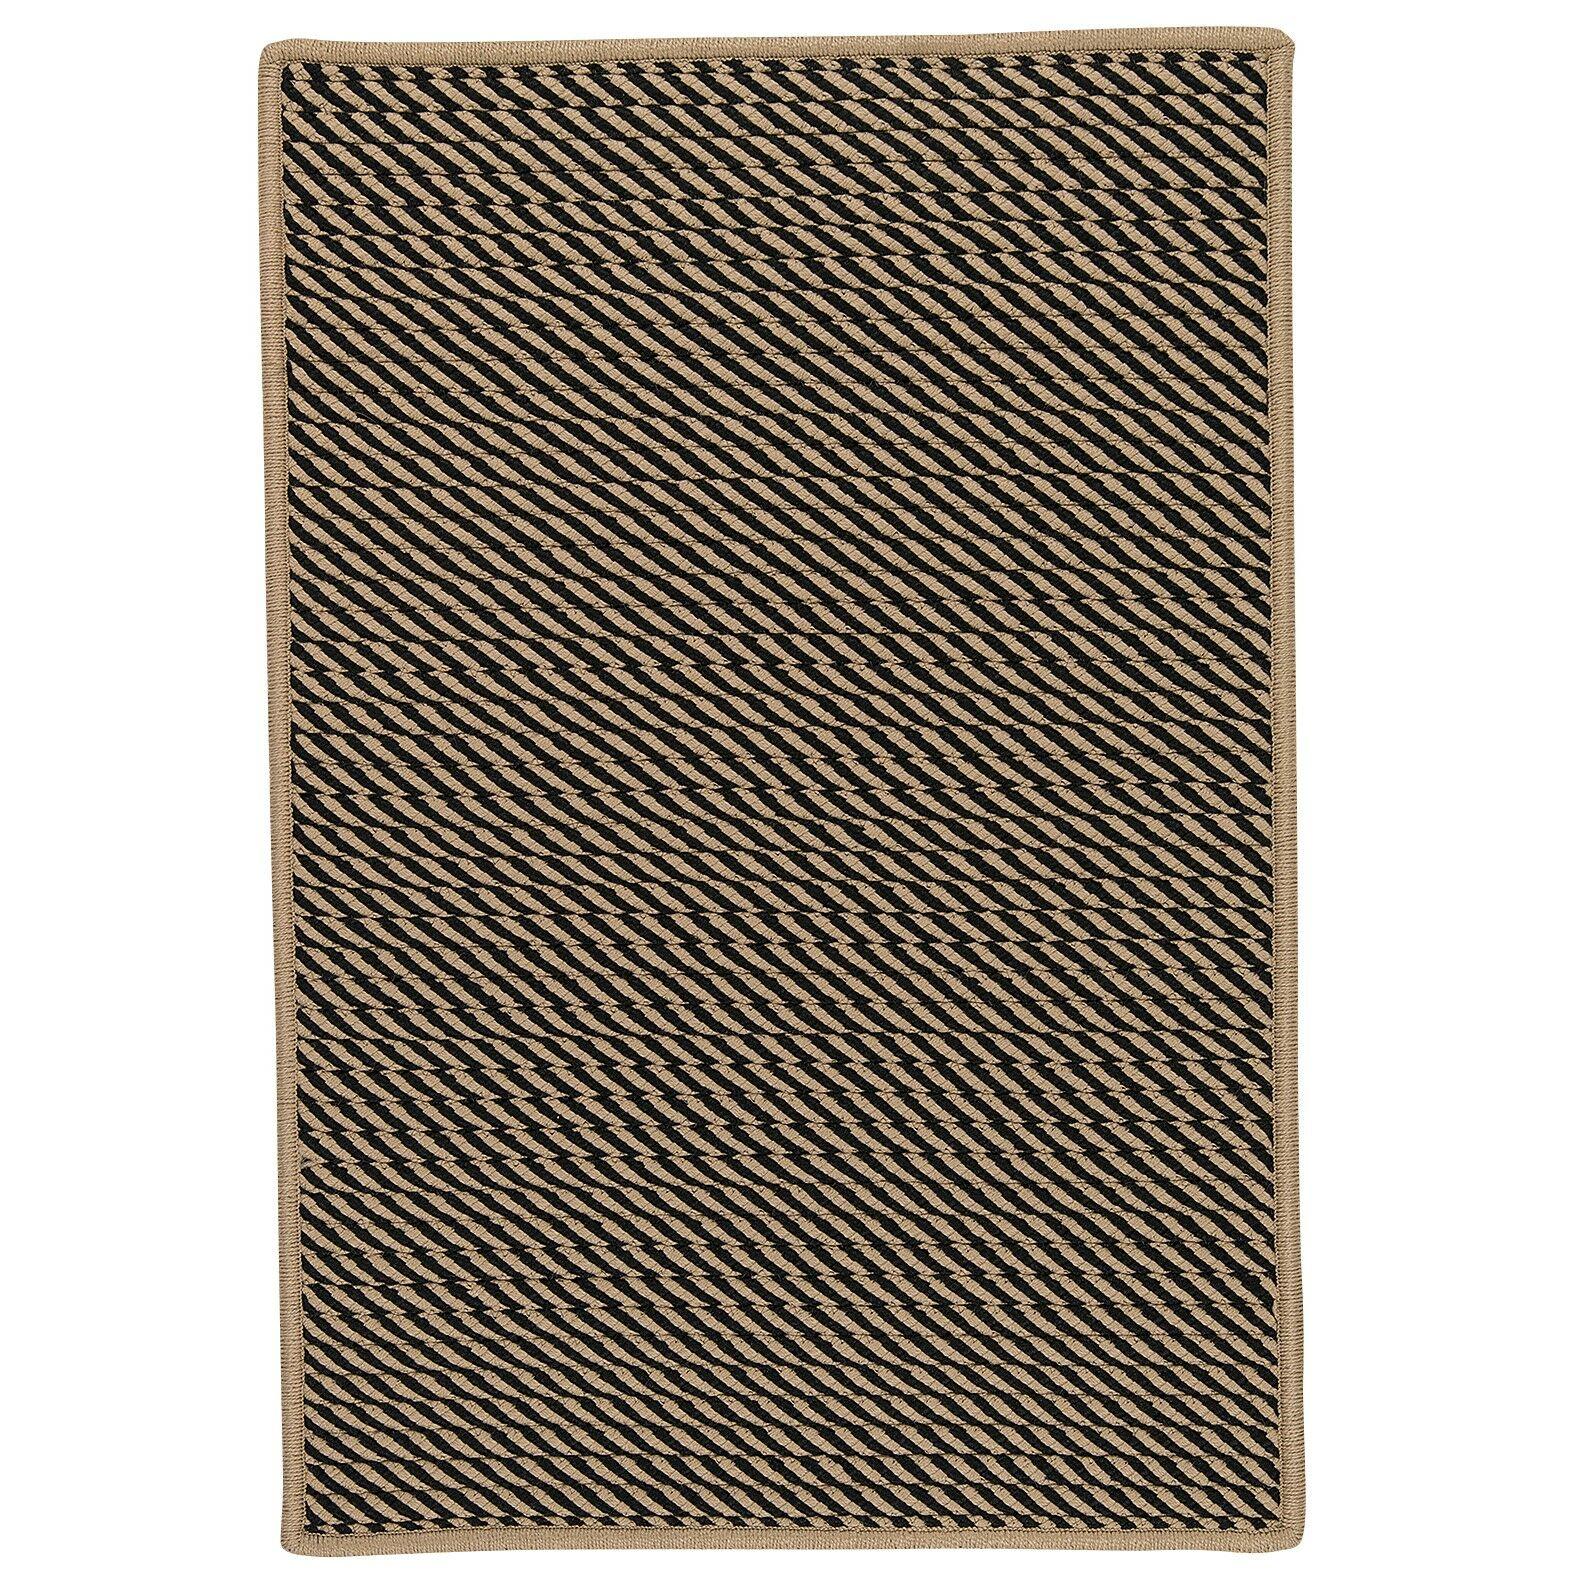 Mammari Hand-Woven Black Indoor/Outdoor Area Rug Rug Size: Rectangle 10' x 13'